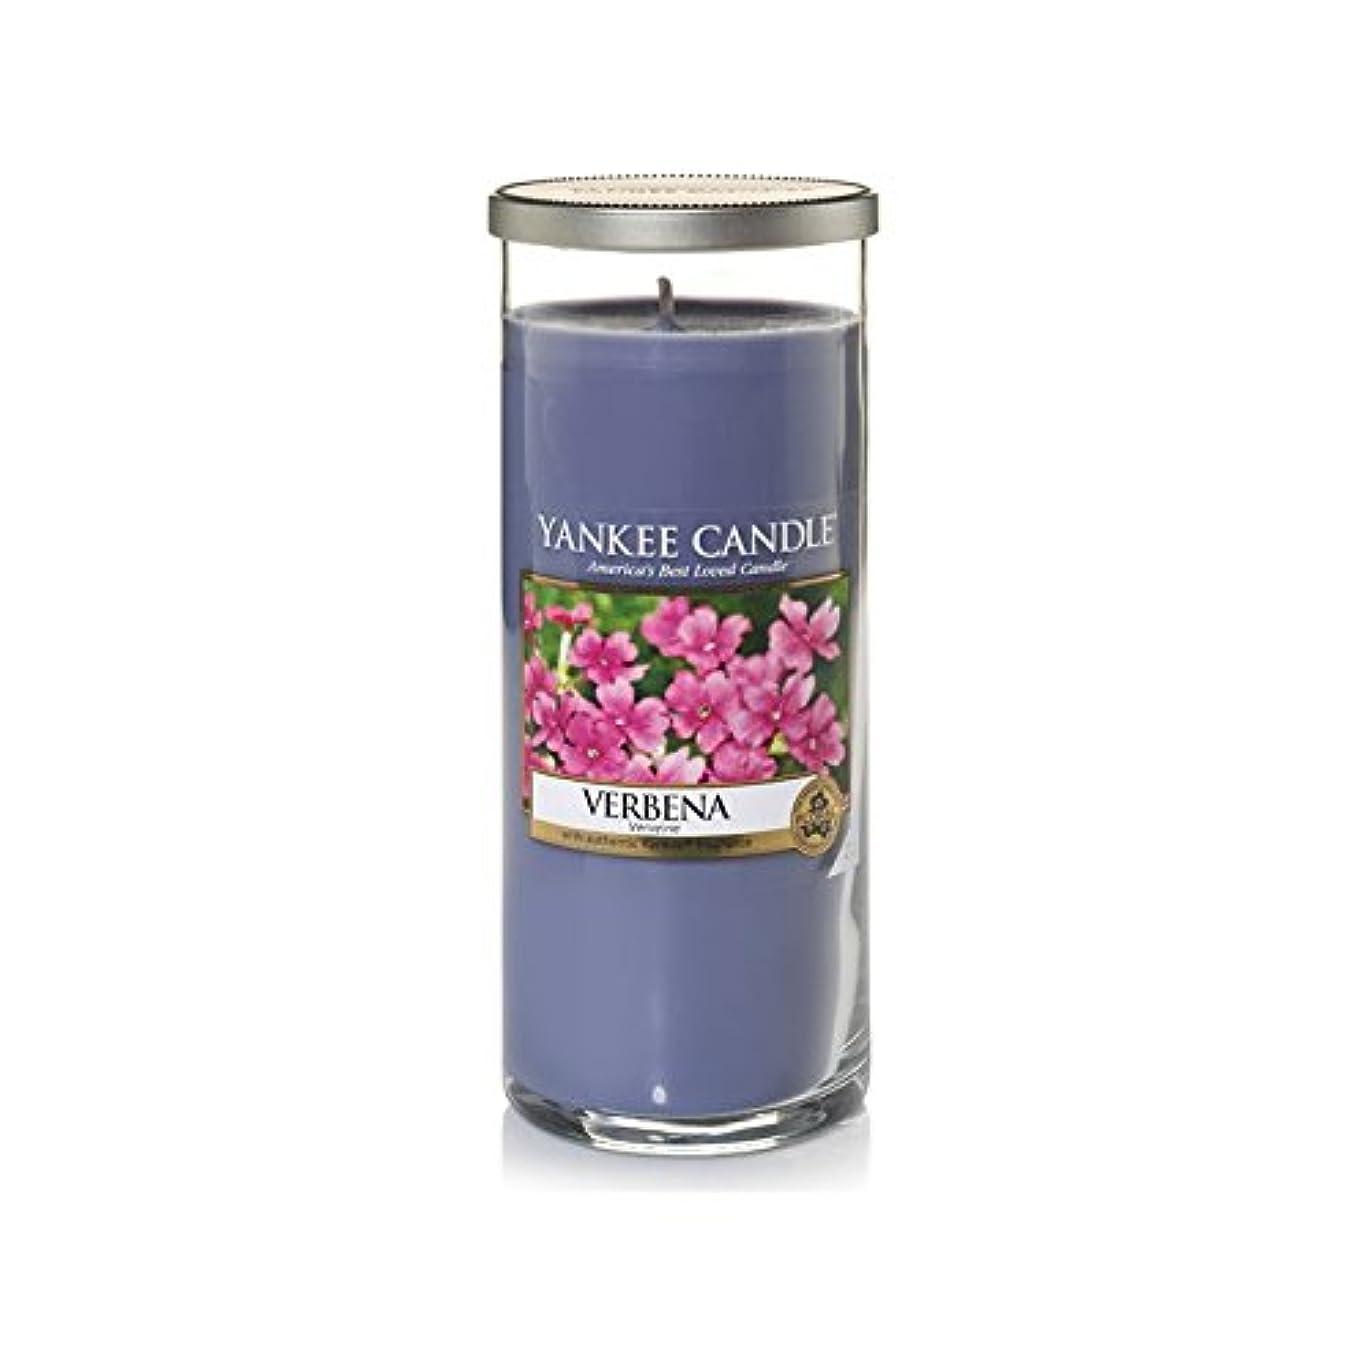 ペチュランス伴う錫Yankee Candles Large Pillar Candle - Verbena (Pack of 2) - ヤンキーキャンドル大きな柱キャンドル - バーベナ (x2) [並行輸入品]